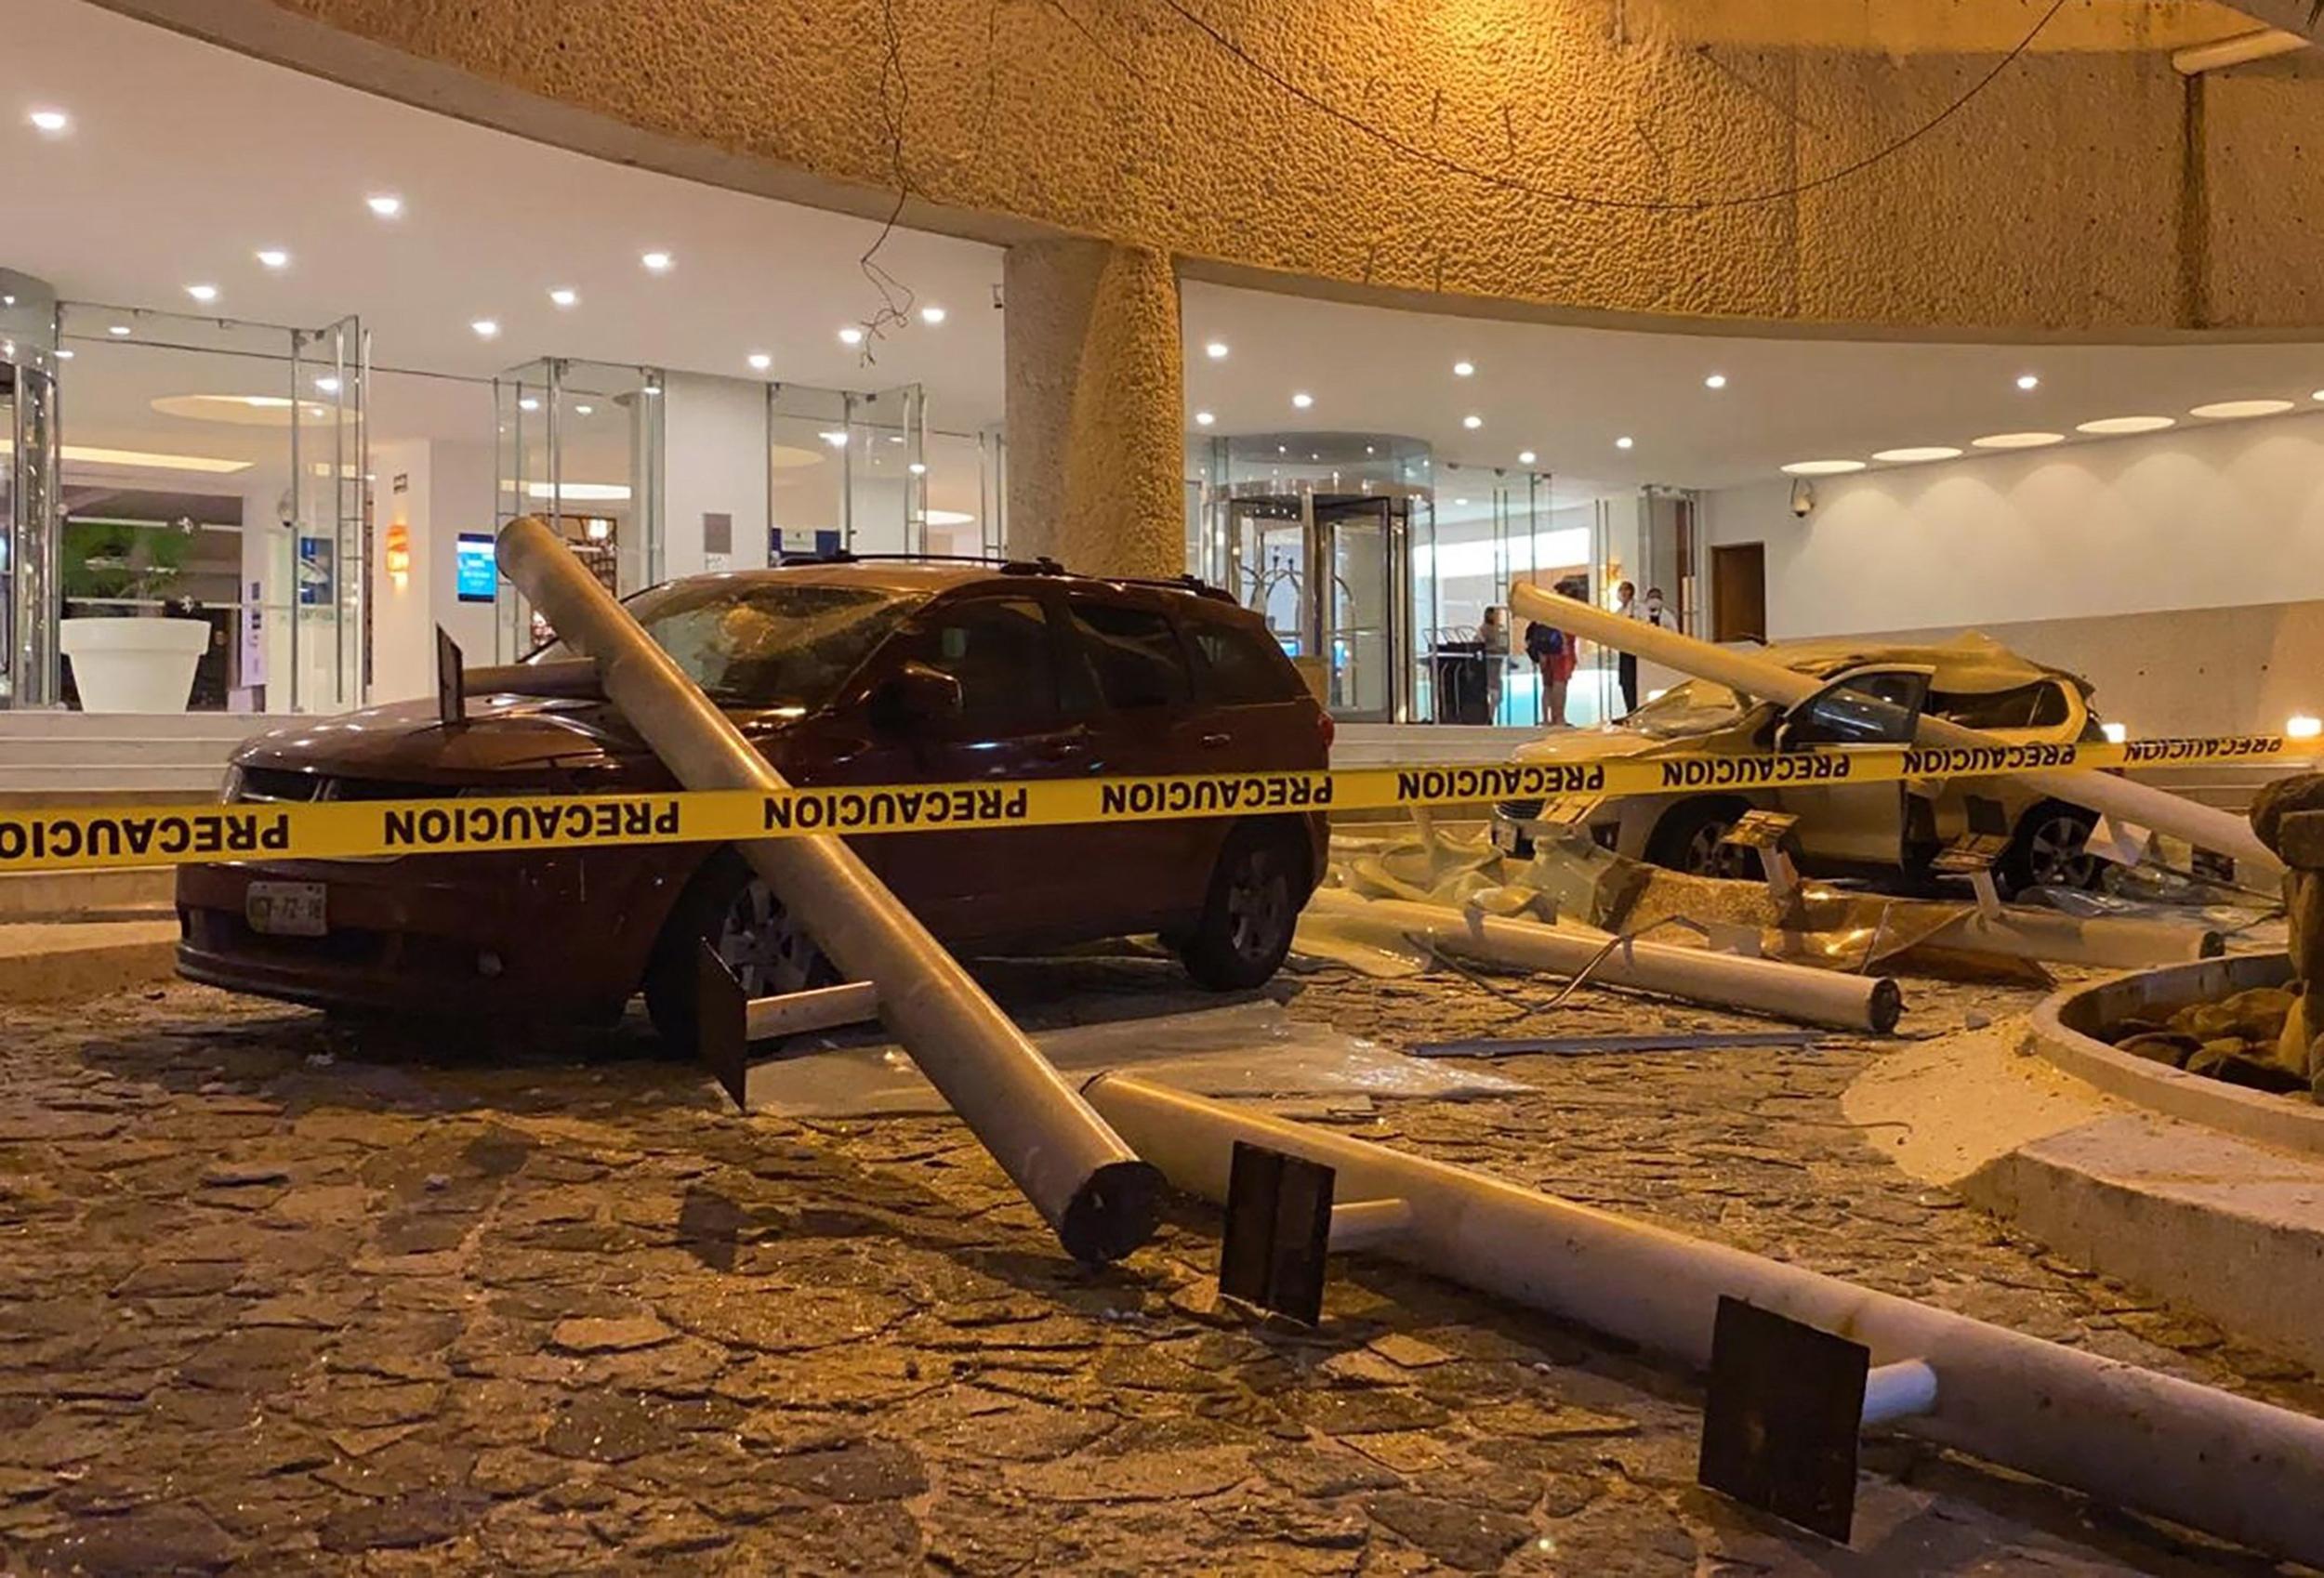 7.0-magnitude strikes in Mexico near Acapulco; 1 reported dead